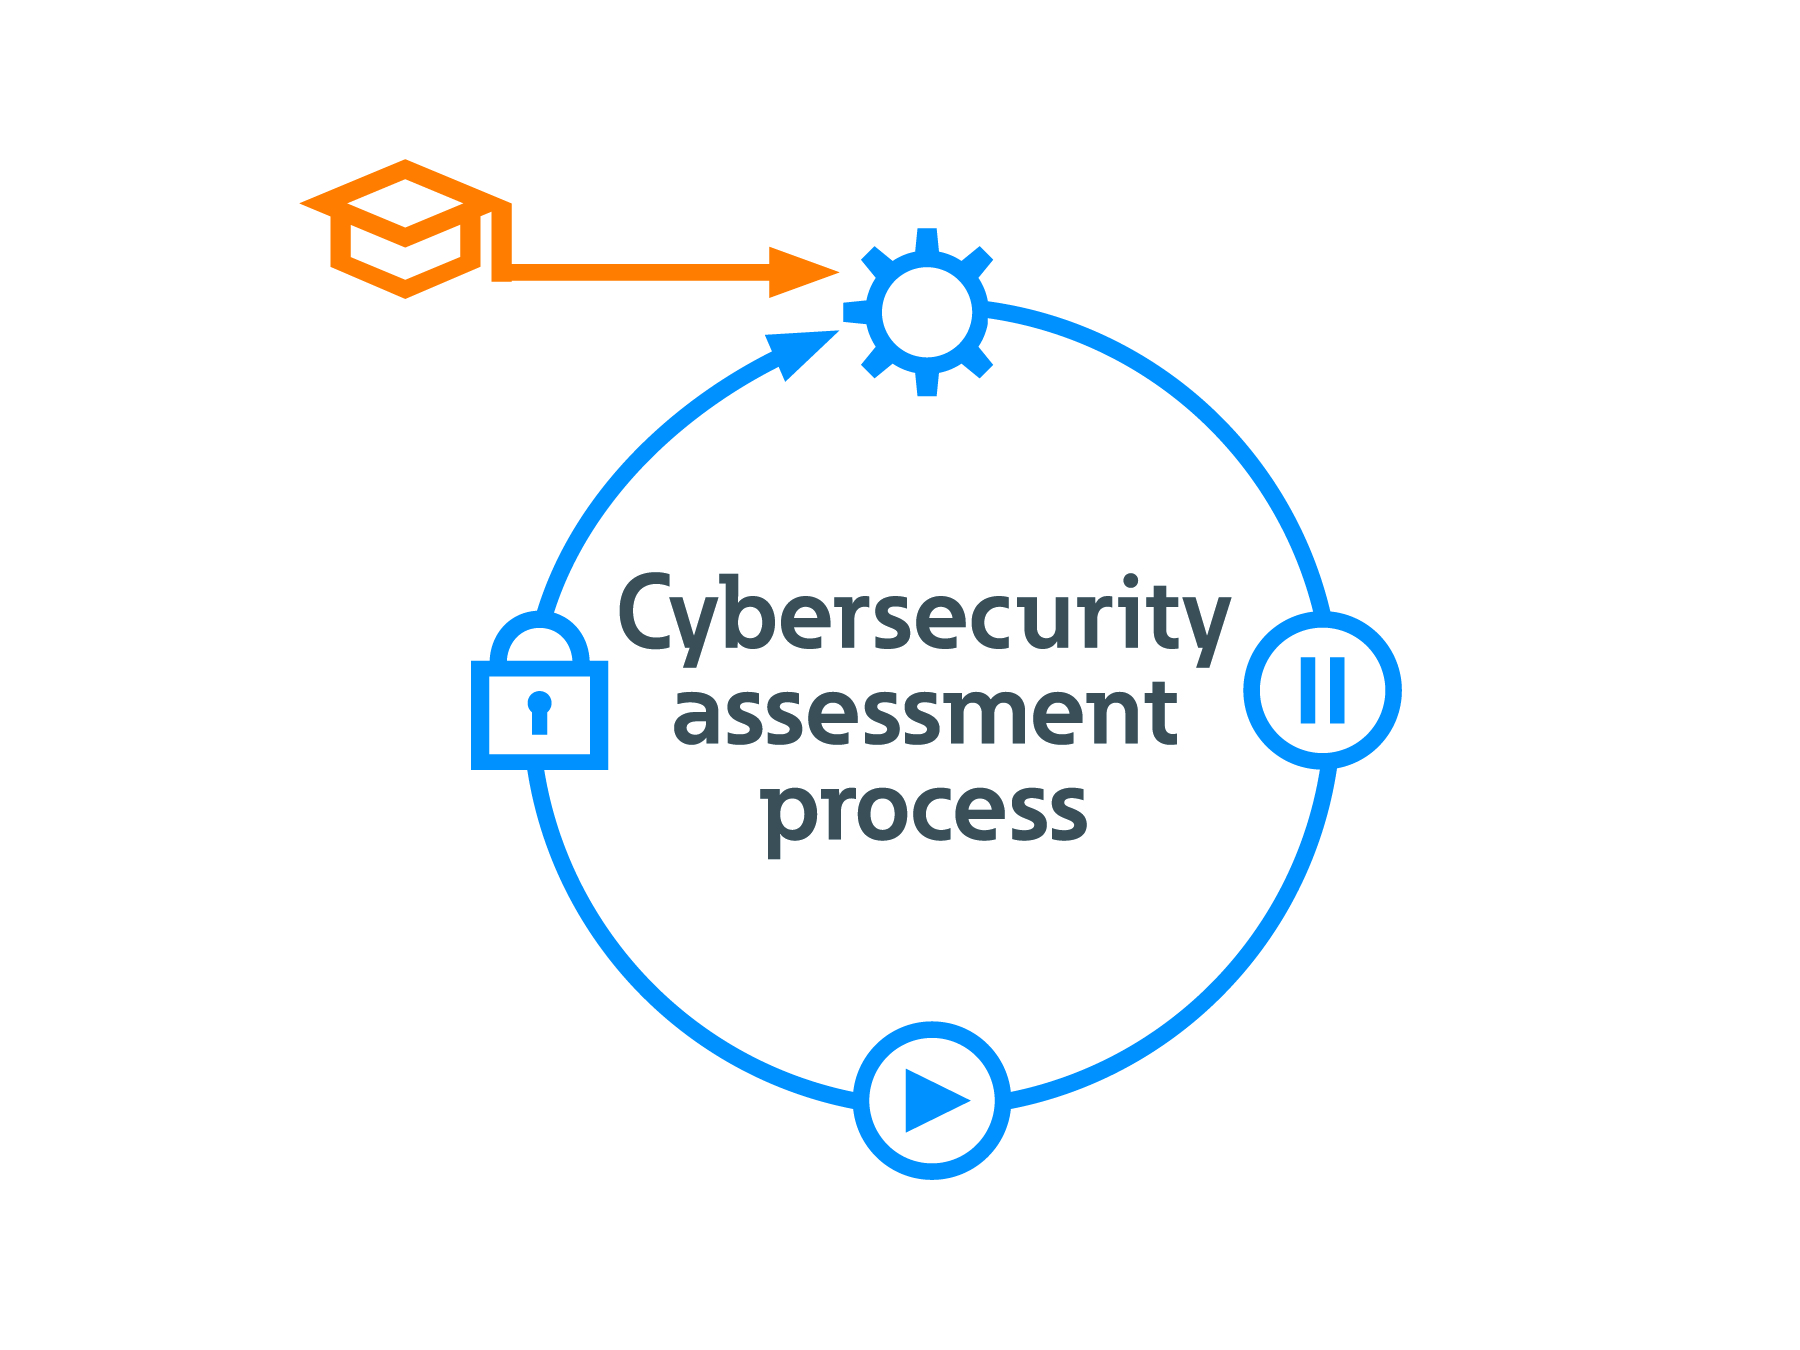 Eaton wzbogaca portfolio cyberbezpieczeństwa o pierwsze w branży podwójne certyfikaty UL i IEC dla globalnych aplikacji budowlanych, przemysłowych, rozproszonych IT i centrów danych